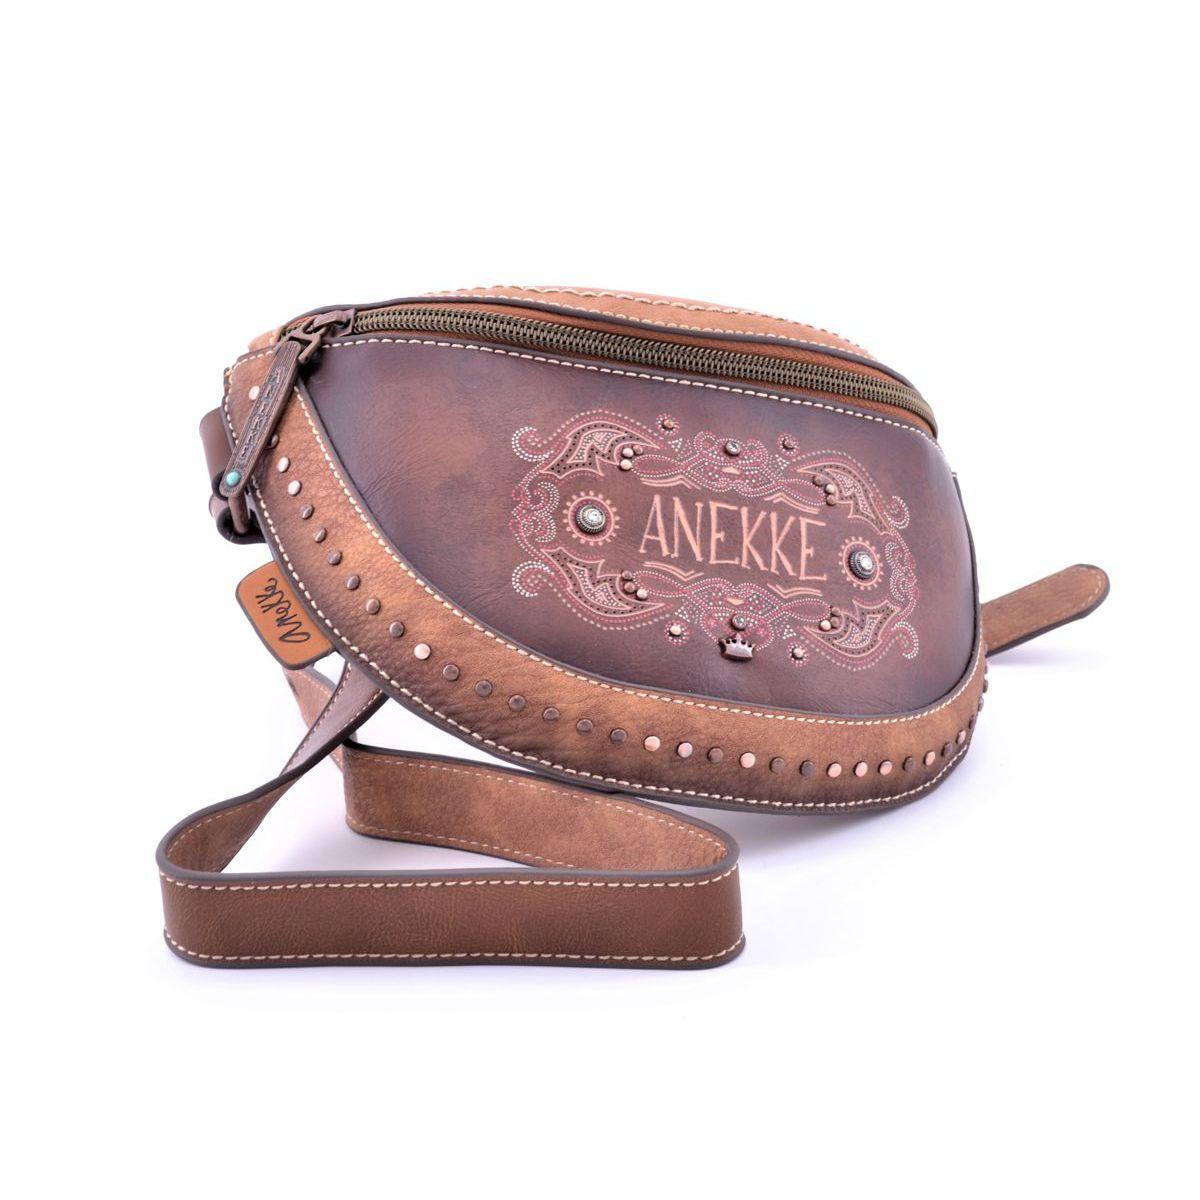 Belt bag Anekke AN30707-38ARS Brown BRASS Workshop